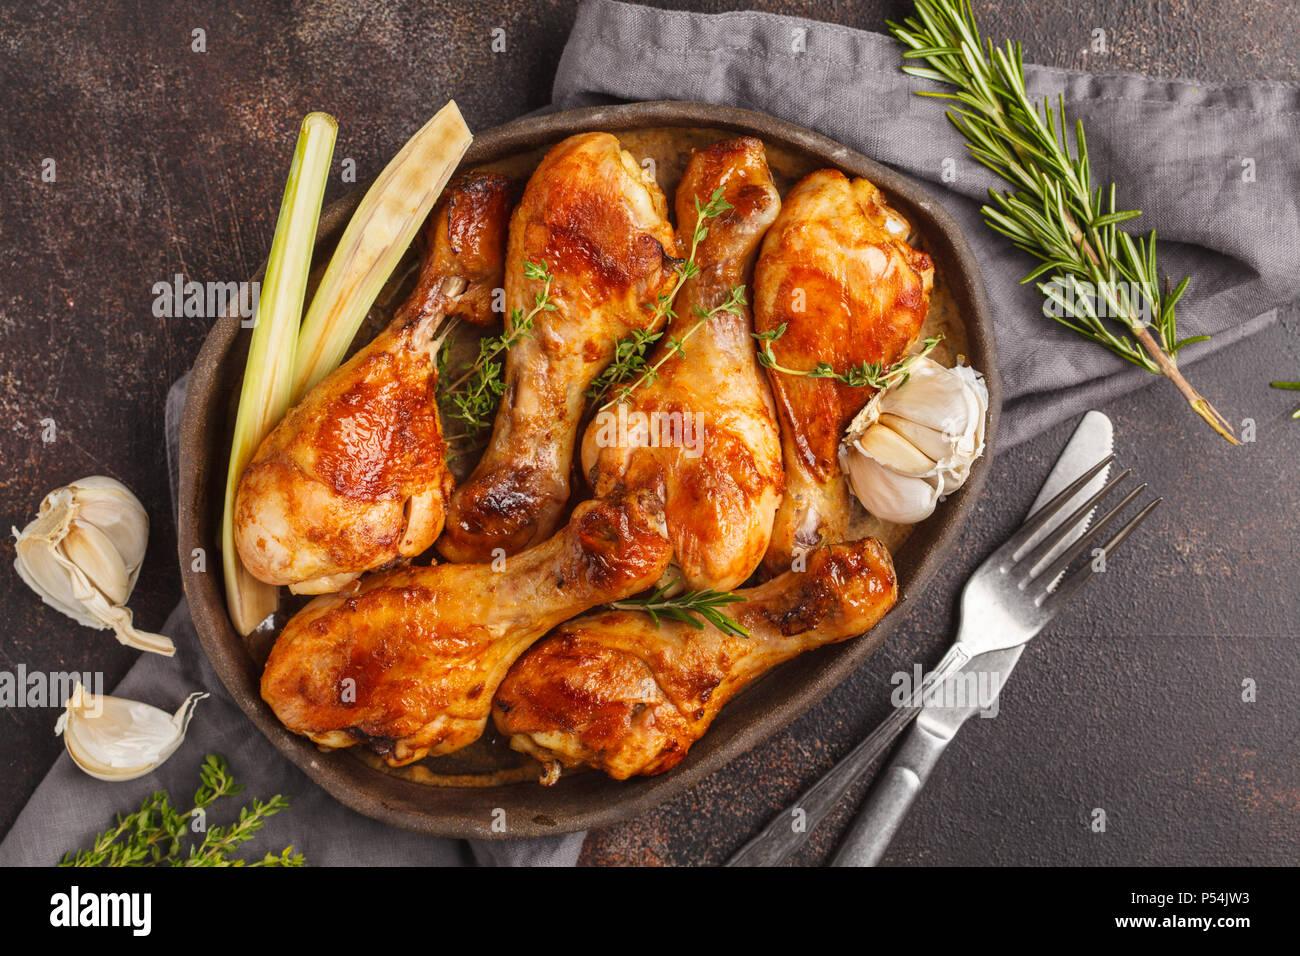 Cuisses de poulet grillées au four épicées à l'ail, le romarin et le thym. Vue de dessus, l'arrière-plan sombre. Banque D'Images